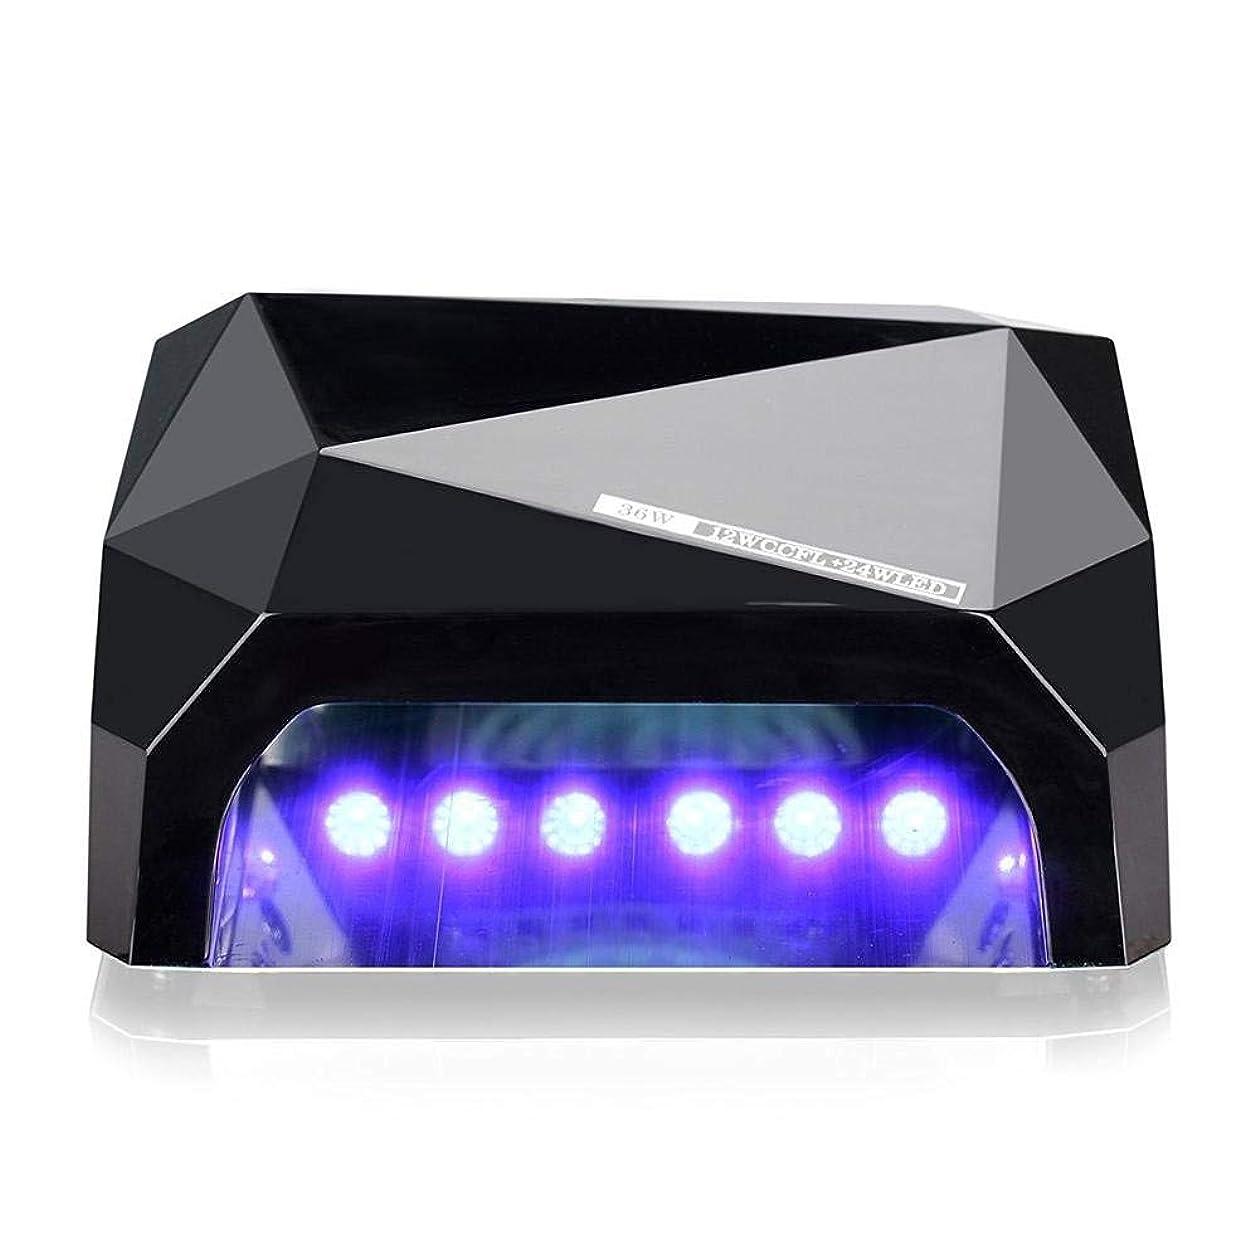 36W LED UVネイルランプネイルライトドライヤー用硬化ジェルネイルポリッシュ用ネイルアートマニキュアツール3タイムプレセット(10秒30秒60秒)6色